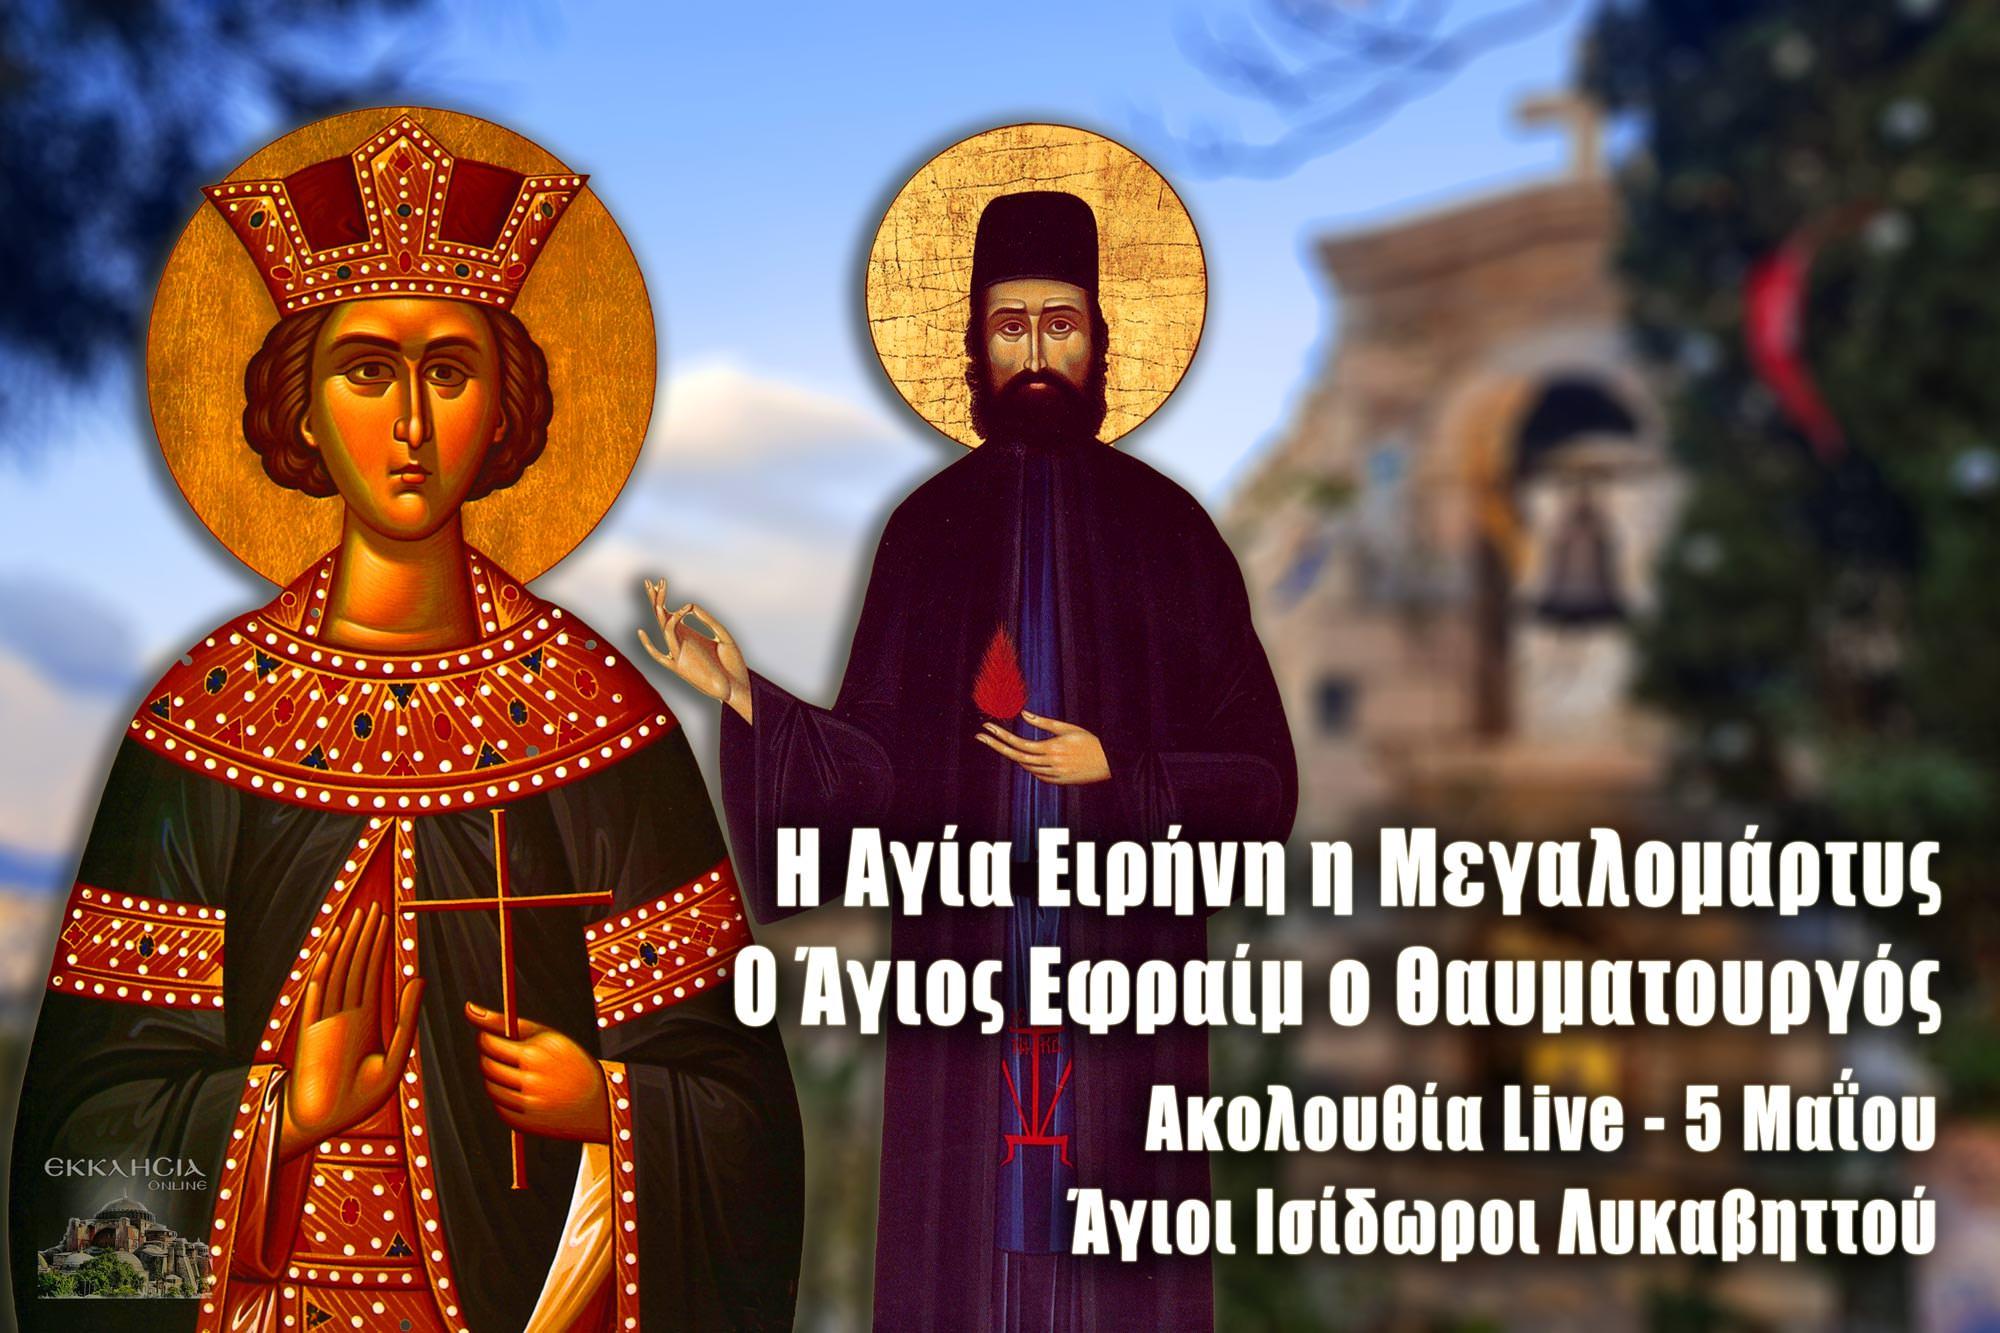 Αγίας Ειρήνης Αγίου Εφραίμ Όρθρος Λυκαβηττός